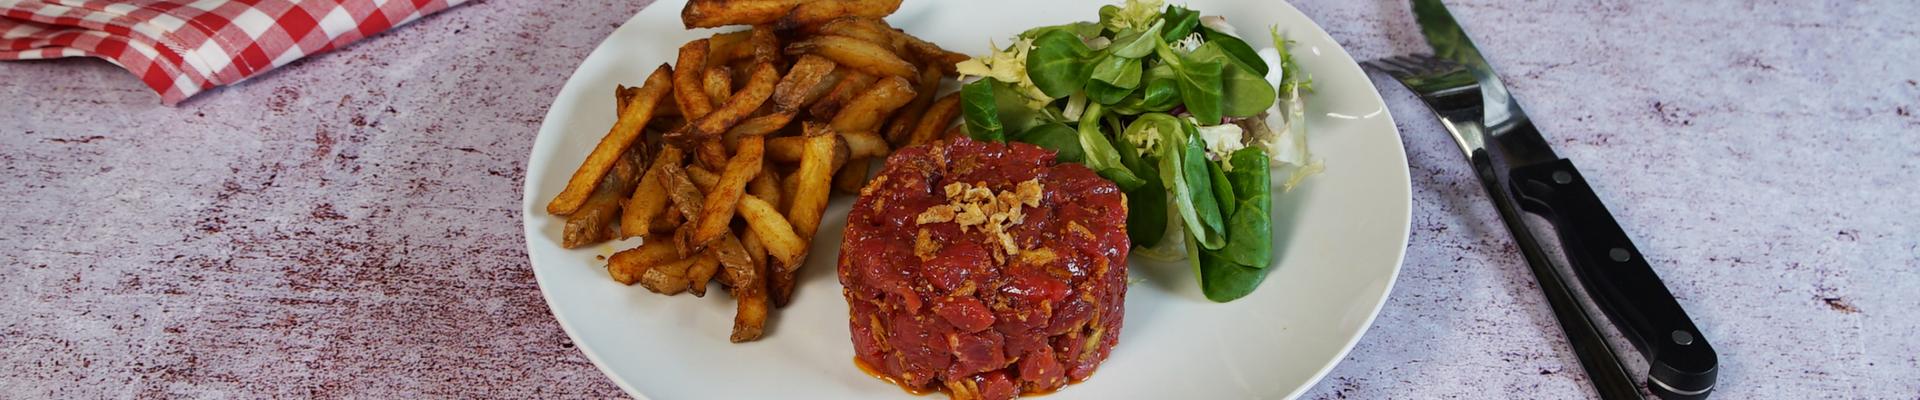 Tartare de bœuf Charolais Label Rouge, moutarde à l'ancienne de Bourgogne